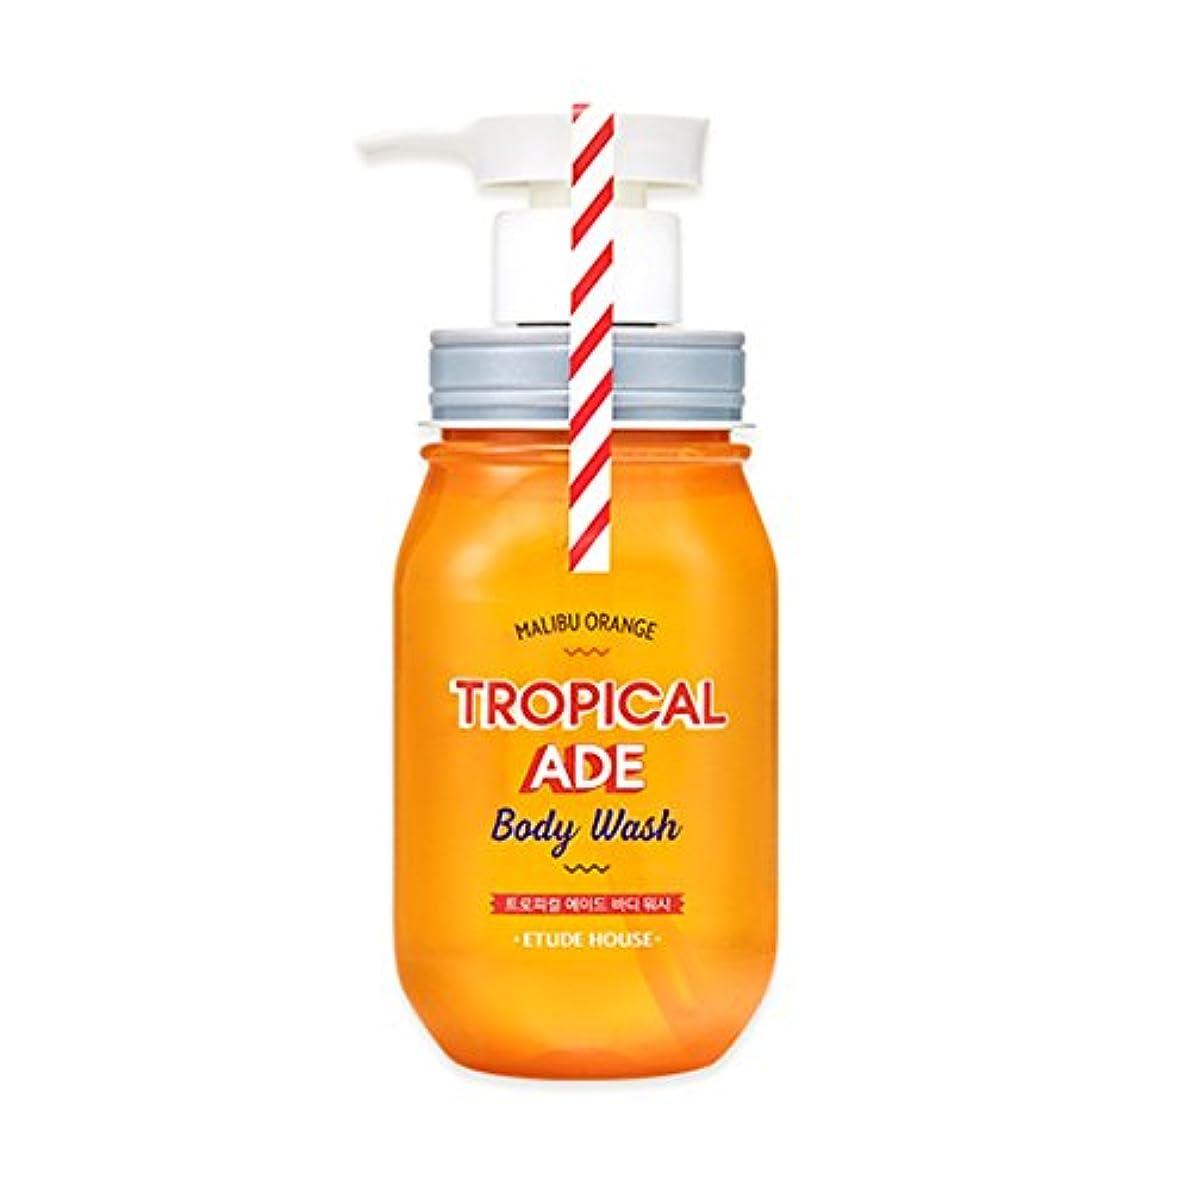 急襲コカインあいにくETUDE HOUSE TROPICAL ADE Body Wash # Malibu Orange /エチュードハウス トロピカルエイドボディウォッシュ 300ml [並行輸入品]